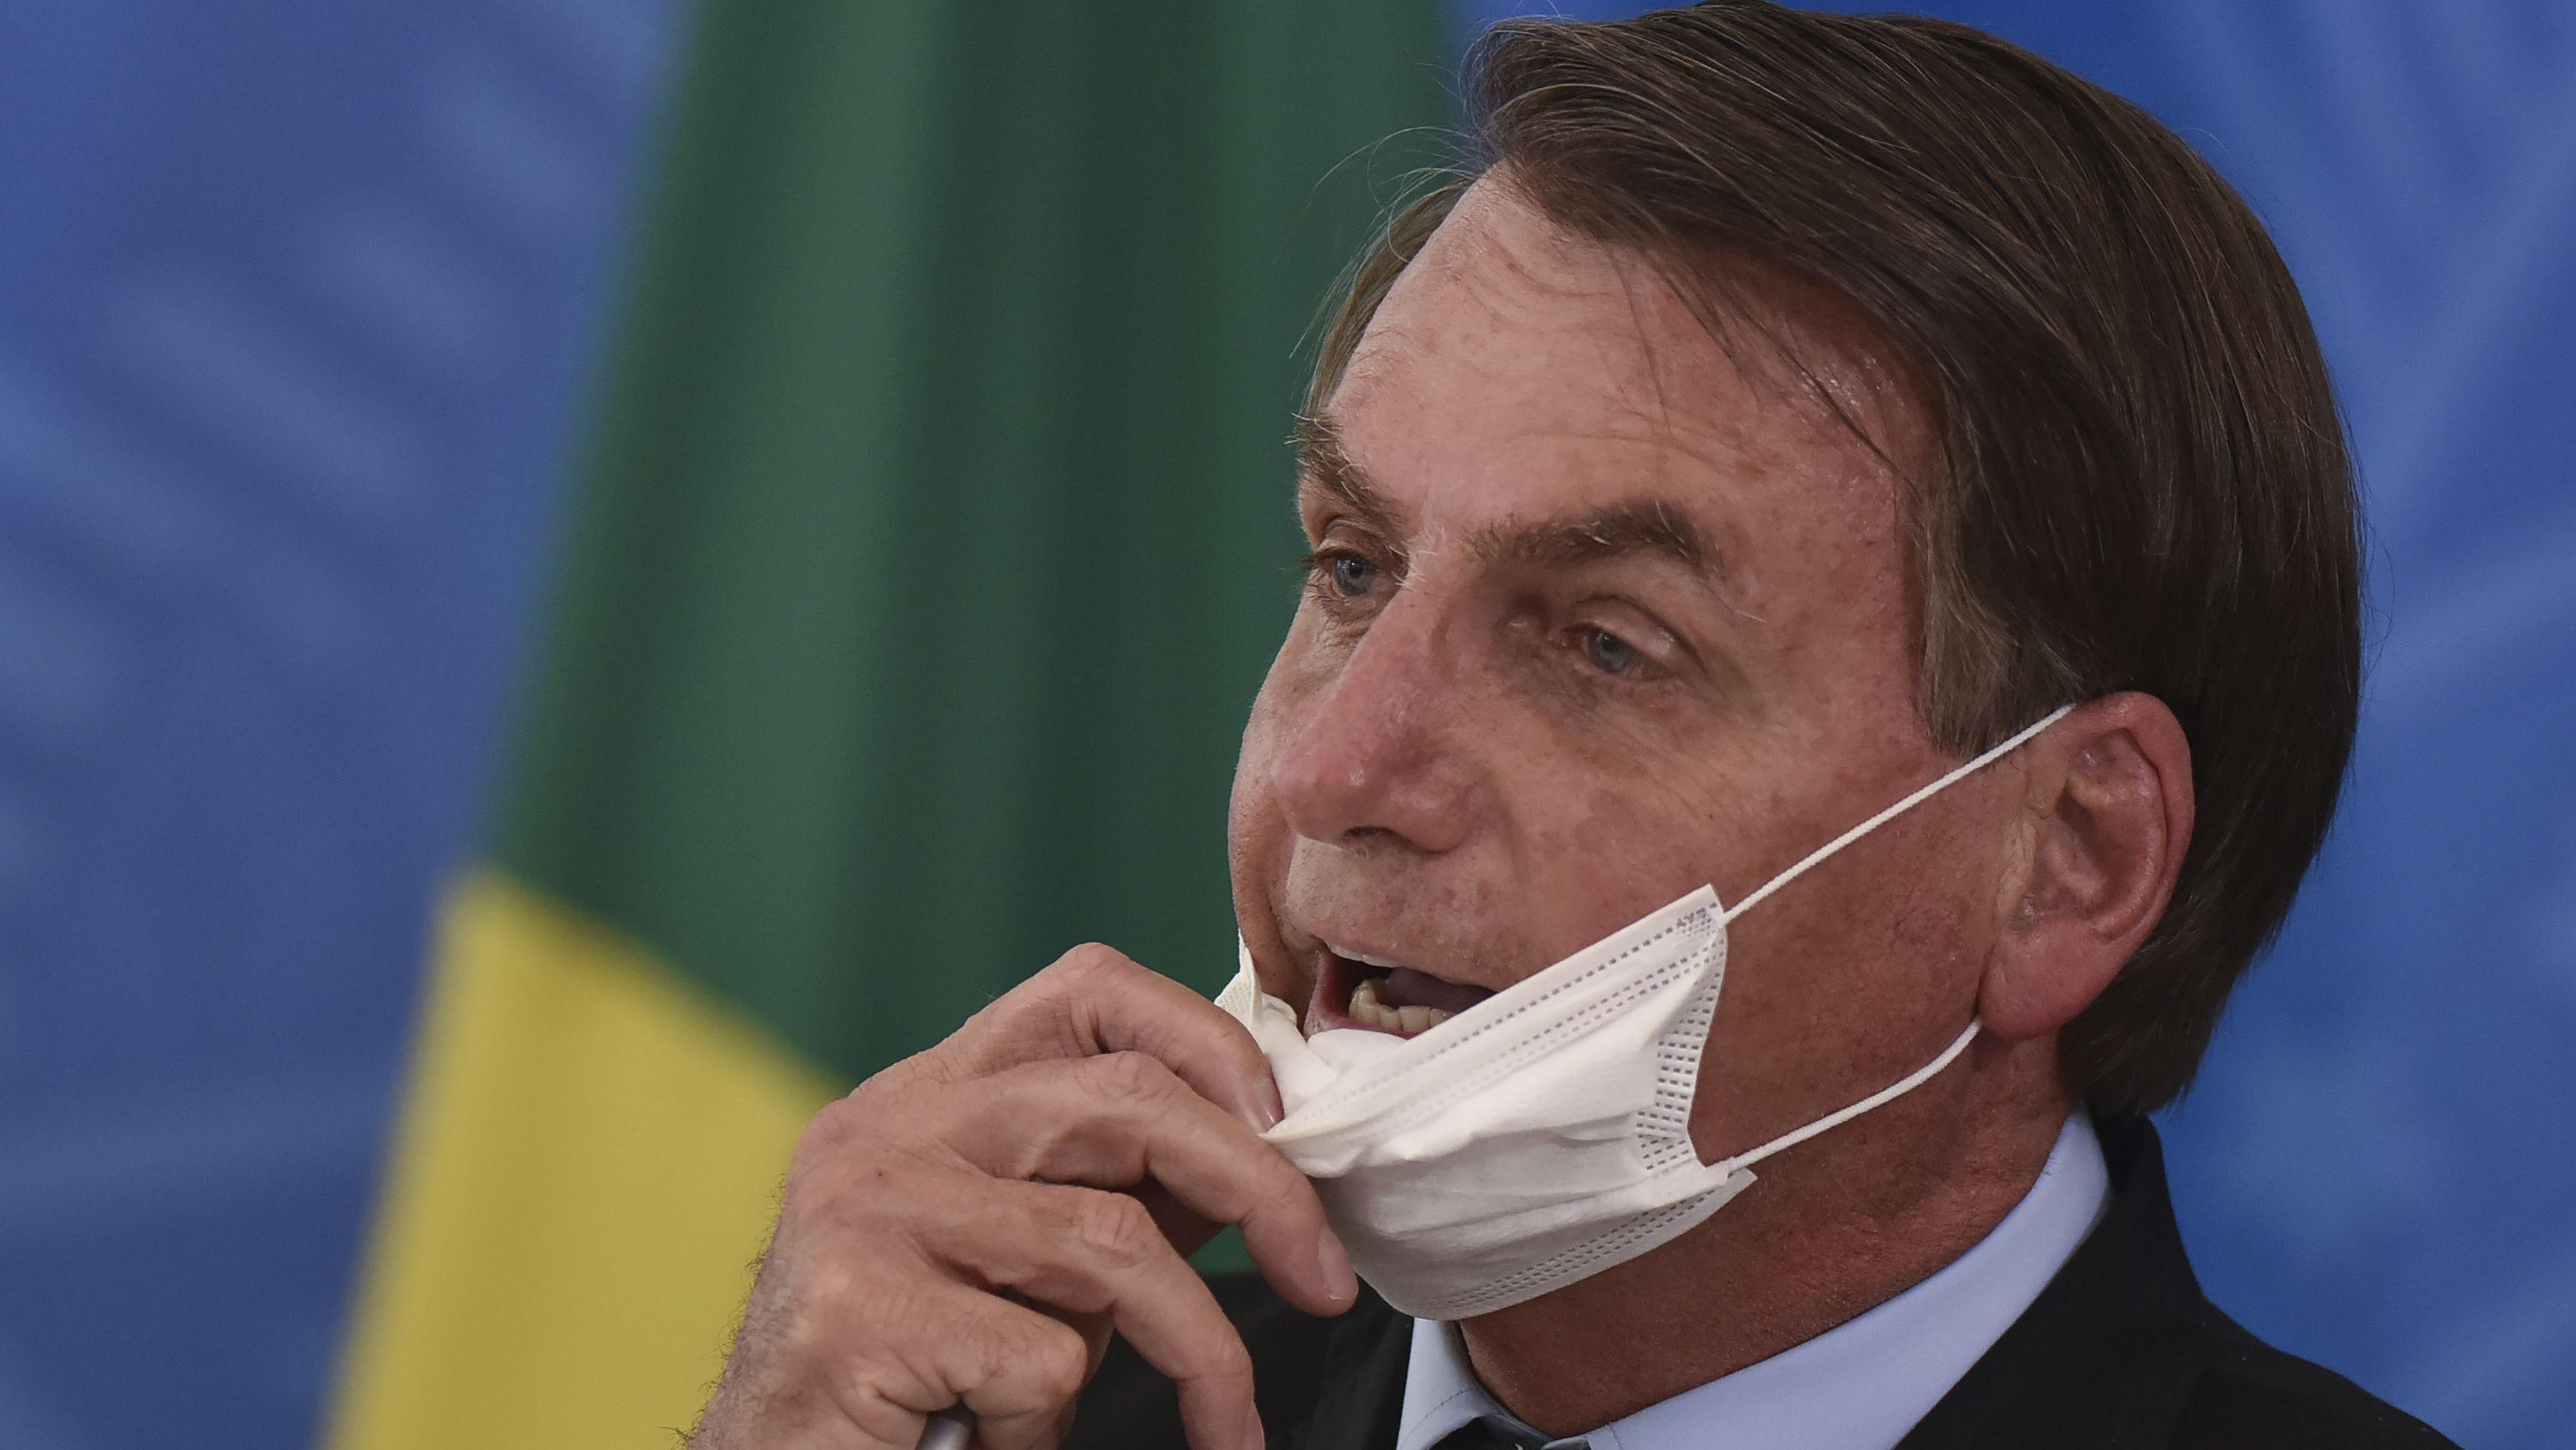 Der brasilianische Präsident Jair Bolsonaro